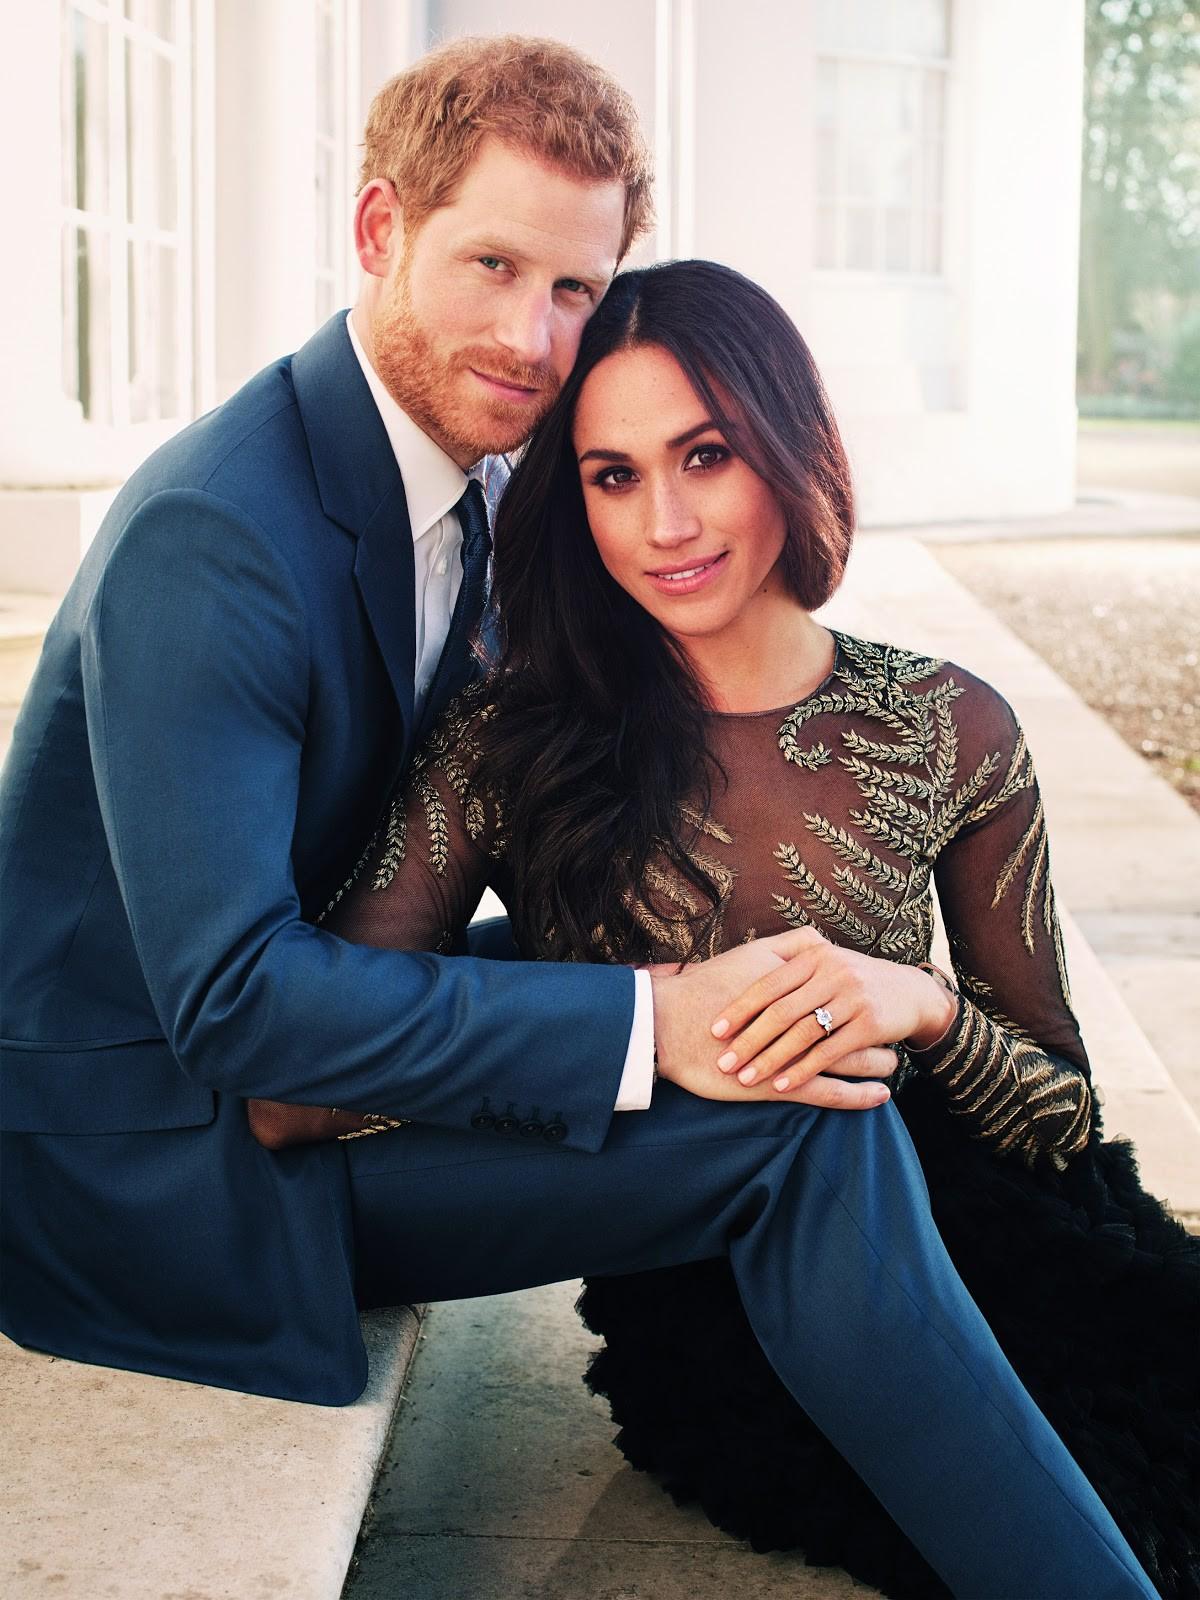 Tất tần tật những thông tin chi tiết có thể bạn chưa biết về đám cưới thế kỷ của Hoàng tử Harry và vị hôn thê Meghan Markle - Ảnh 1.